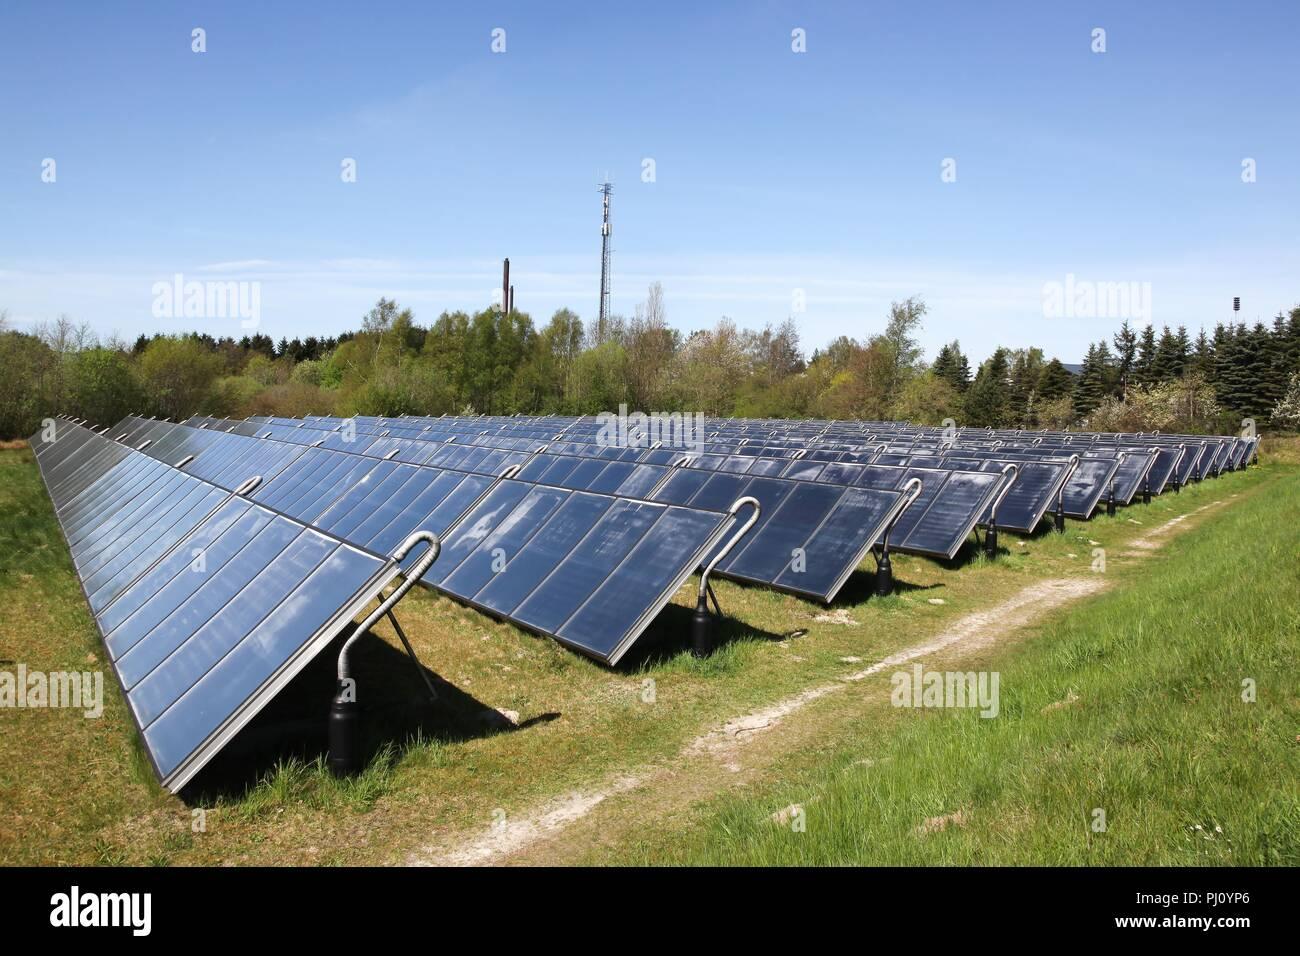 Gruppo di energia solare termica pannelli in Danimarca Immagini Stock